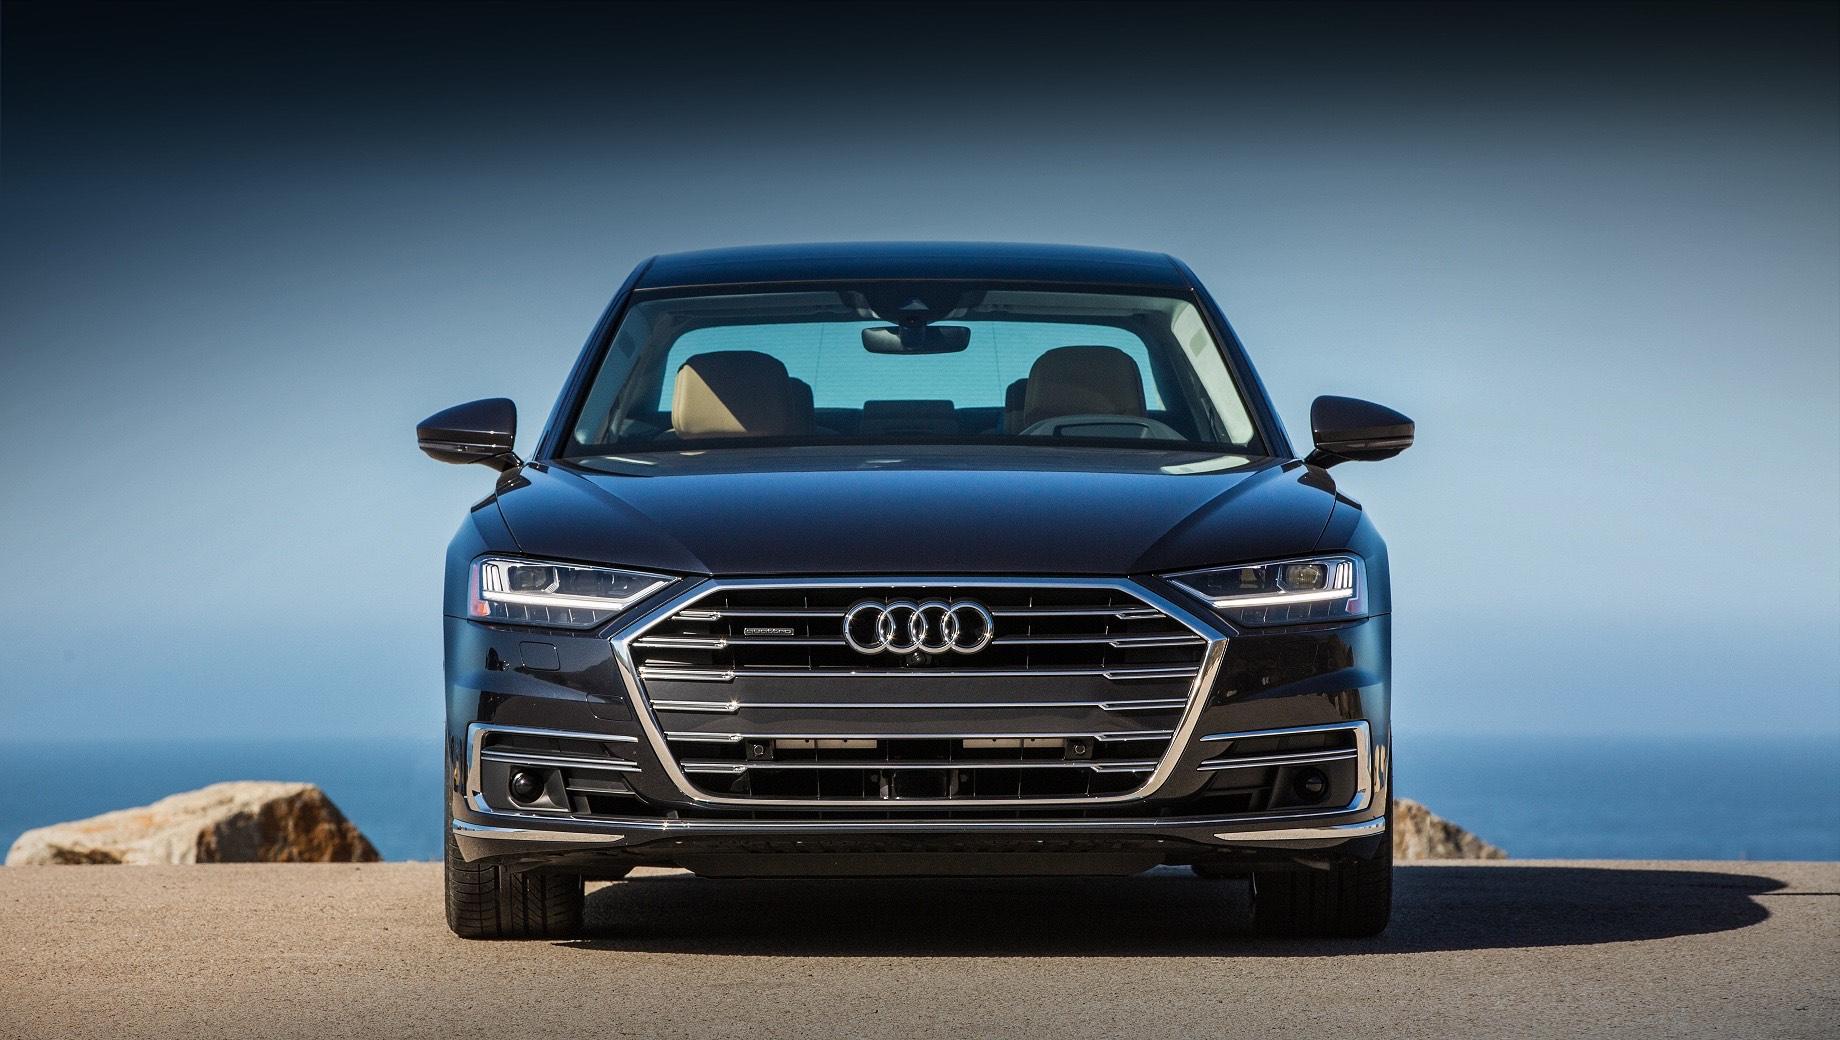 Audi a8,Audi a8 horch. Нынешняя модель Audi A8 (на фотографии) уступает по продажам «семёрке» BMW и уж тем более Мерседесу S-класса как на европейском, так и на американском рынках. Появление Хорьха едва ли кардинально изменит расклад, но престижа «четырём кольцам» добавит.